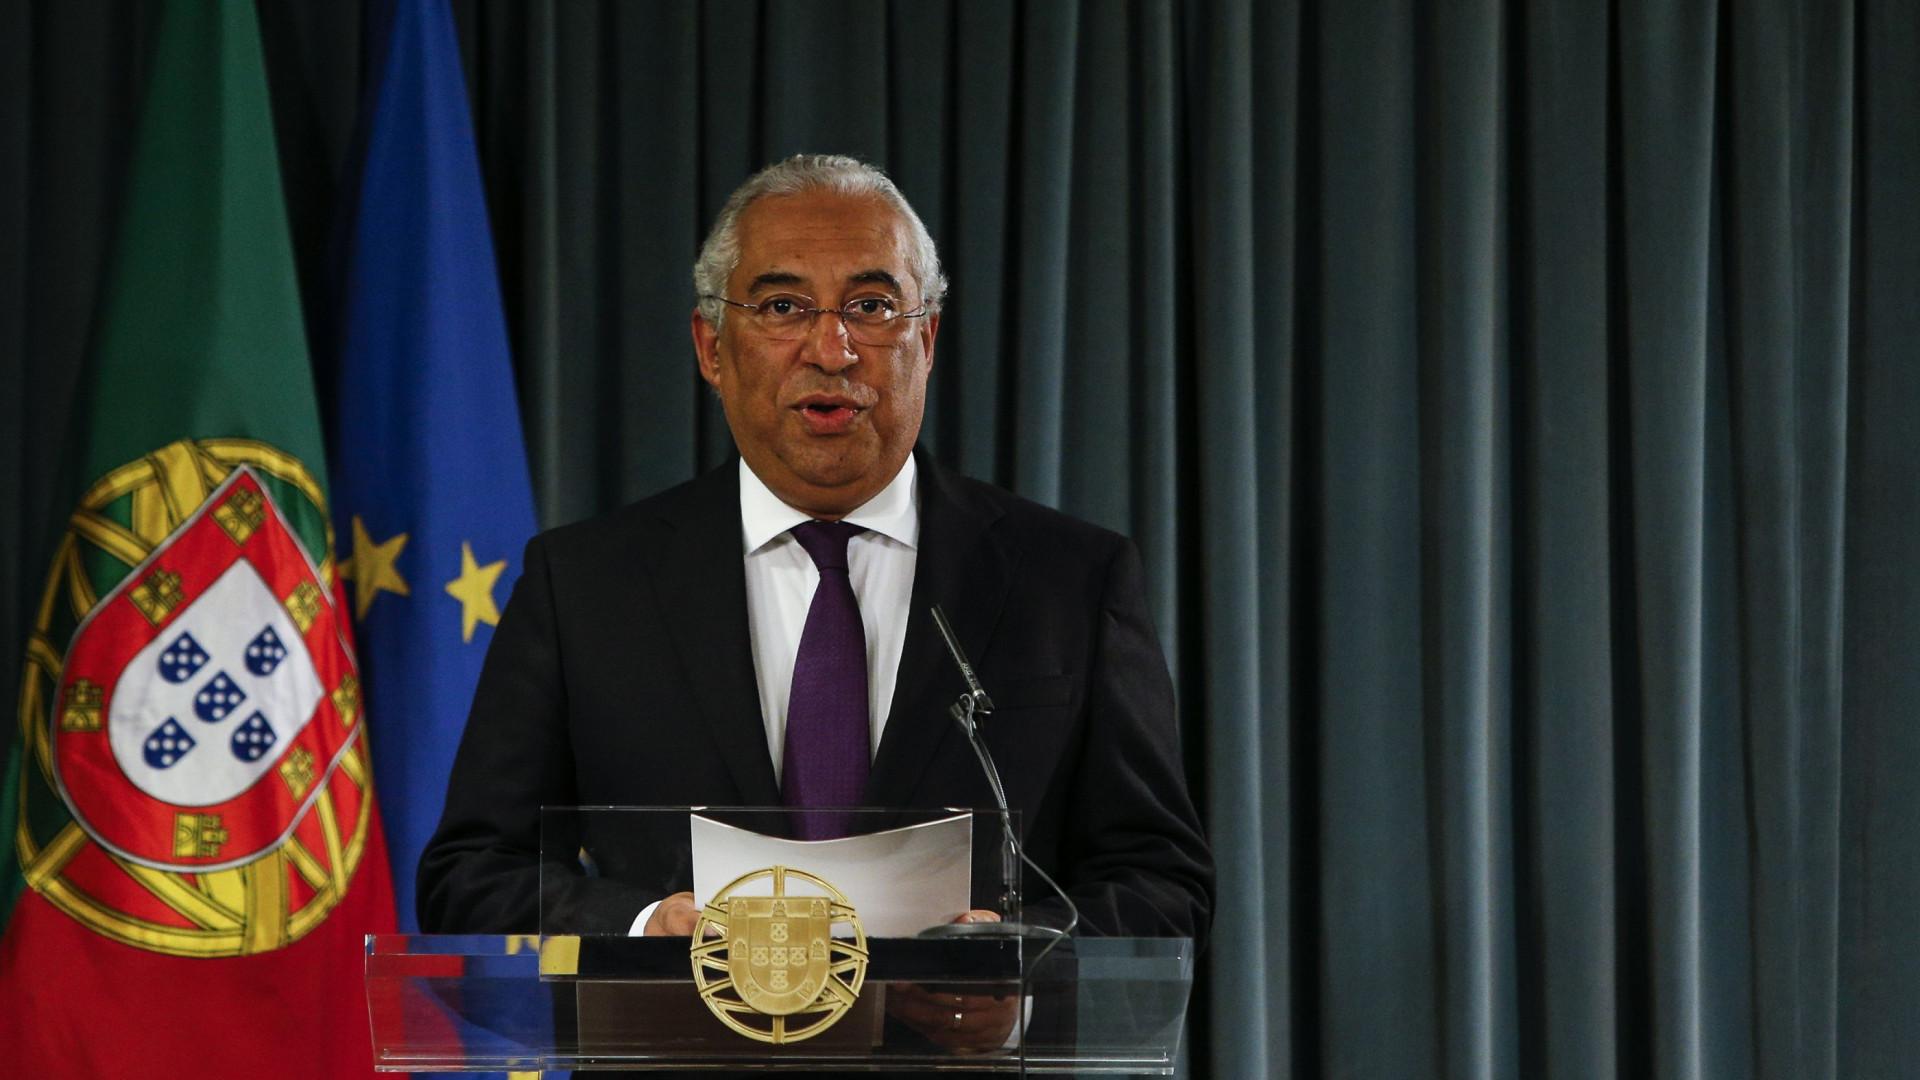 Costa prevê redução da dívida bruta e estabilização do sistema financeiro